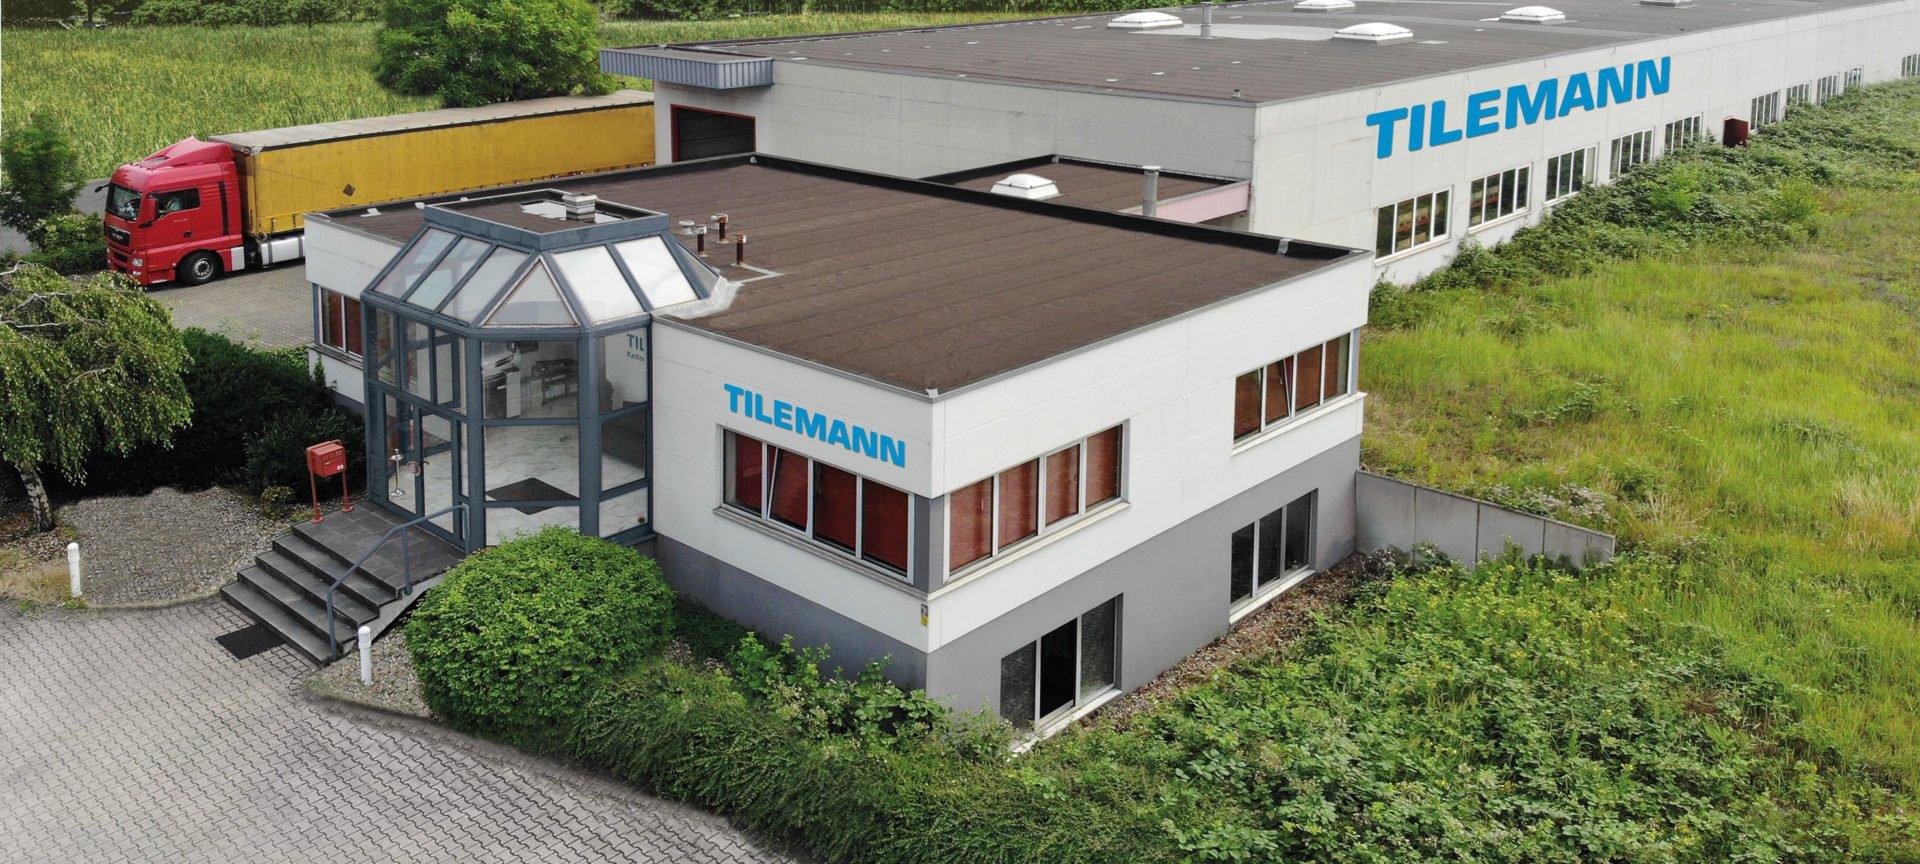 TILEMANN-GmbH-ChainsComponents